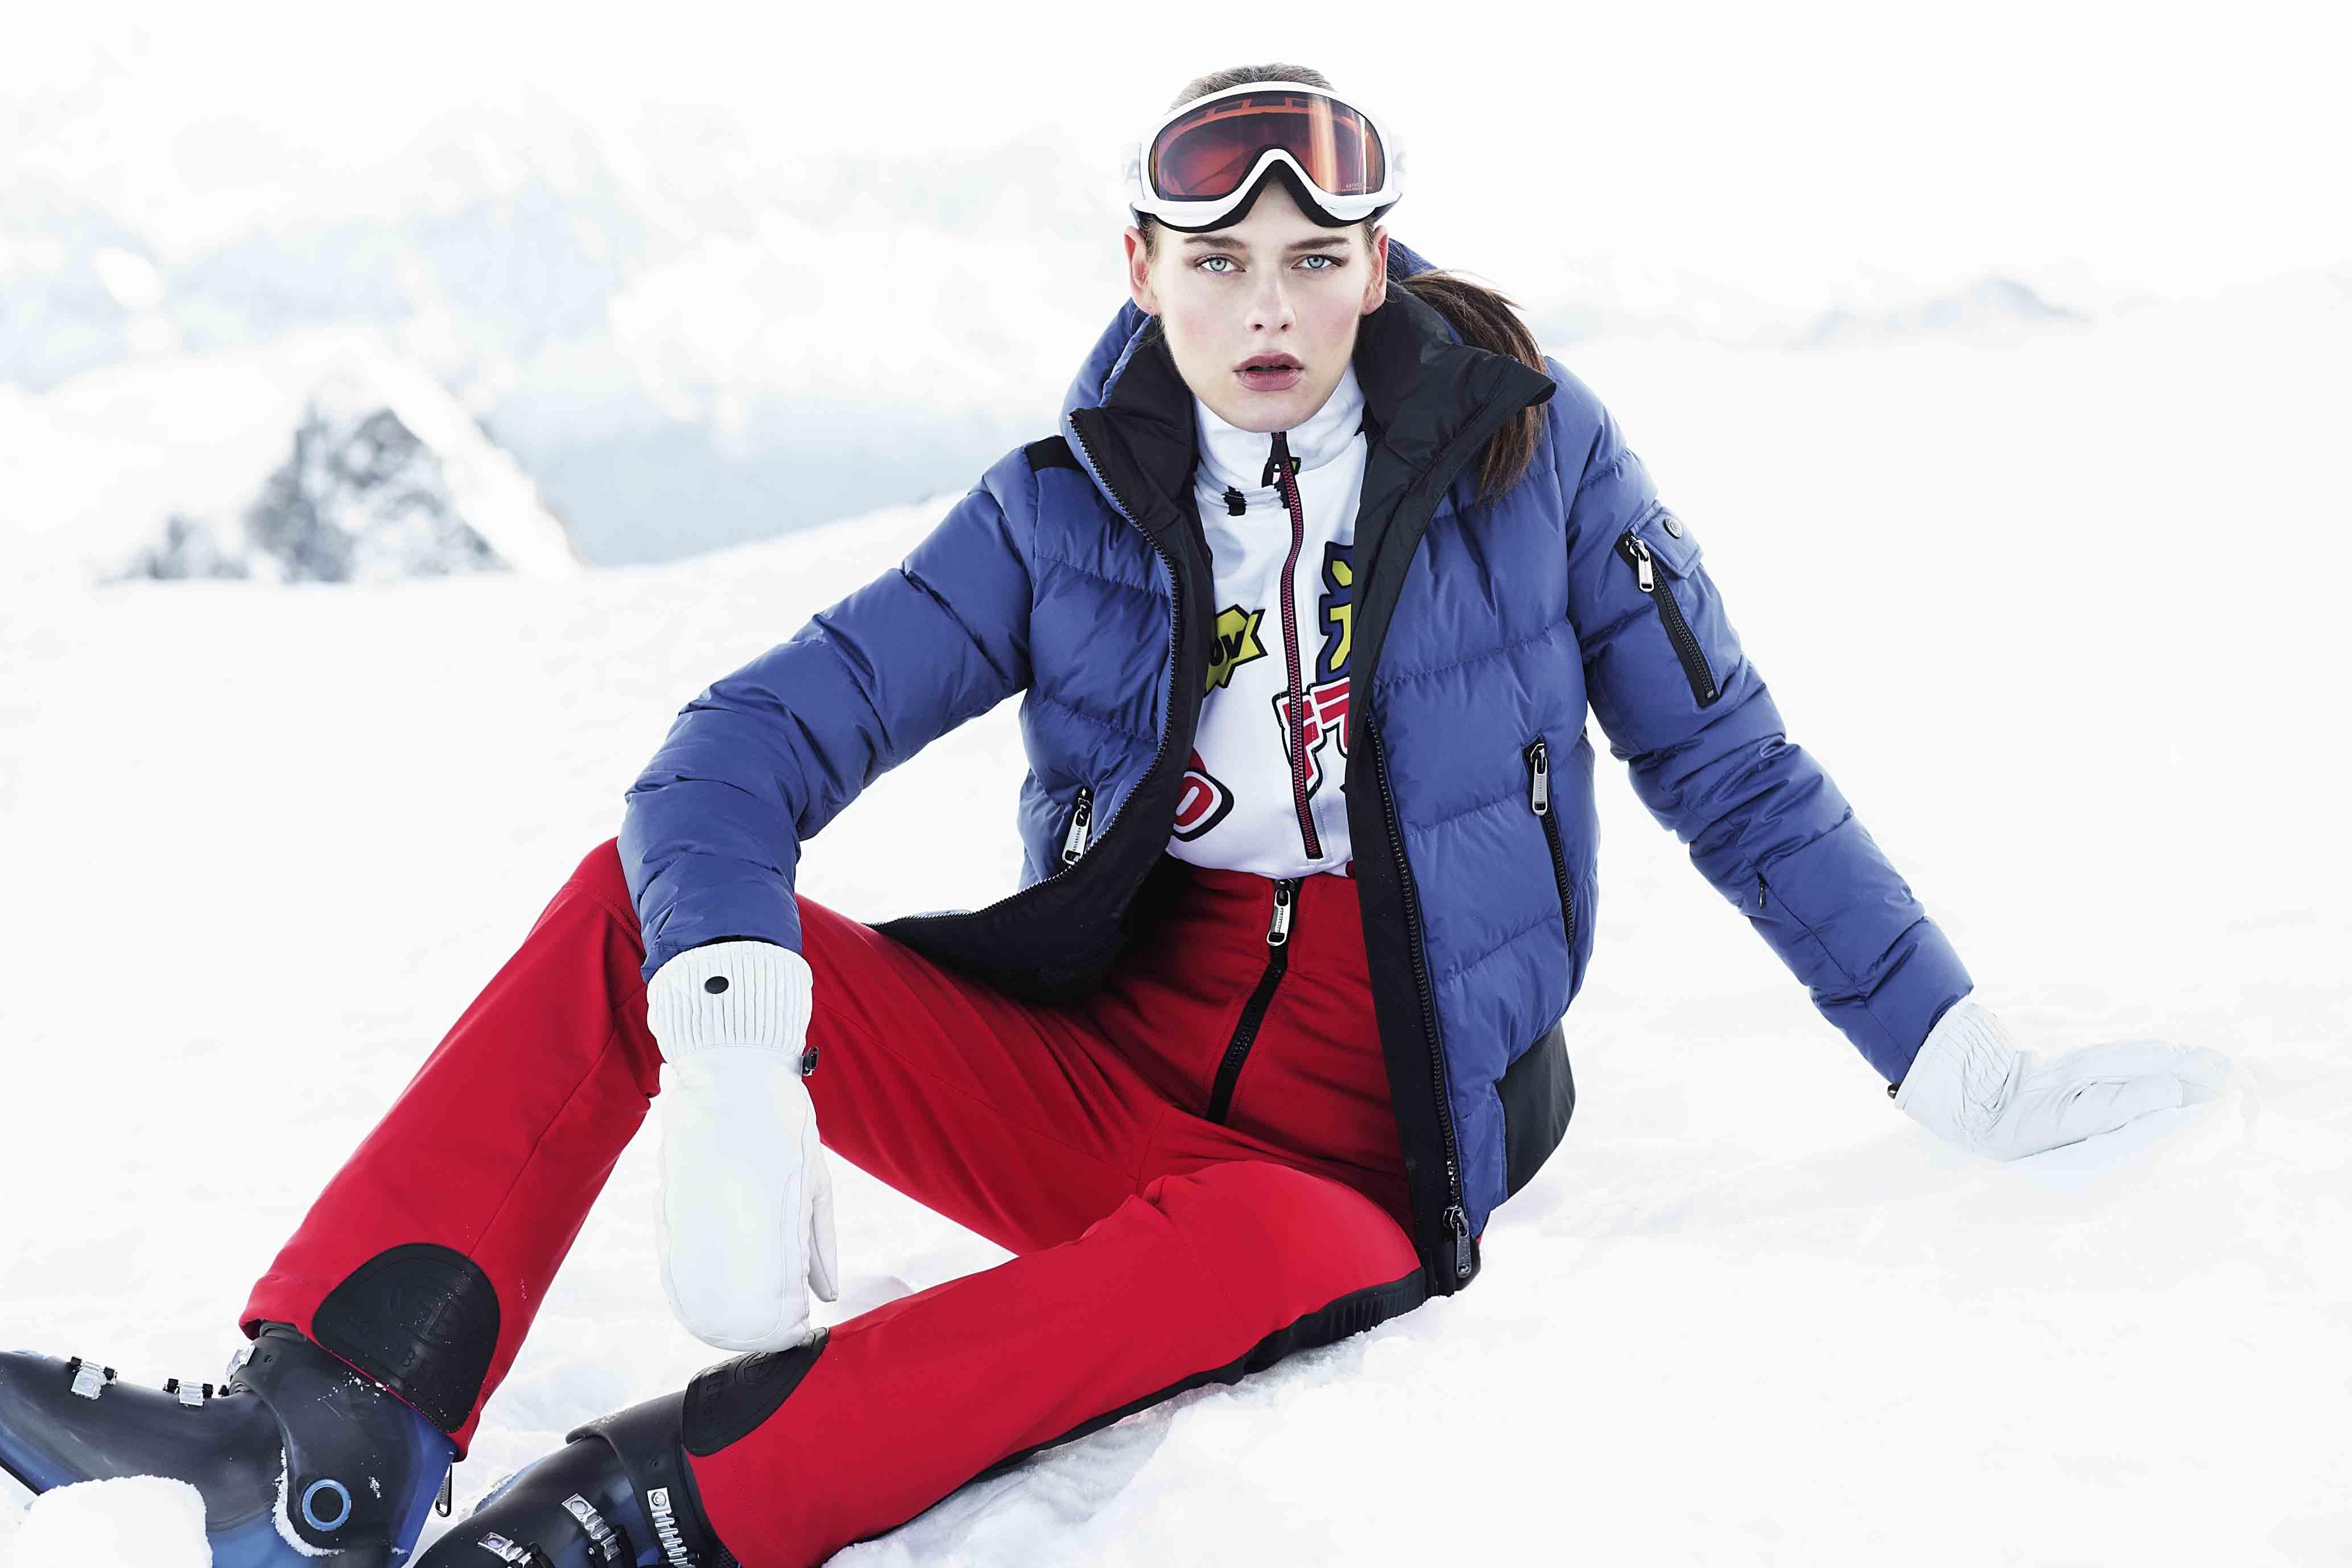 Damskie spodnie Goldbergh Koto red | David sport Harrachov